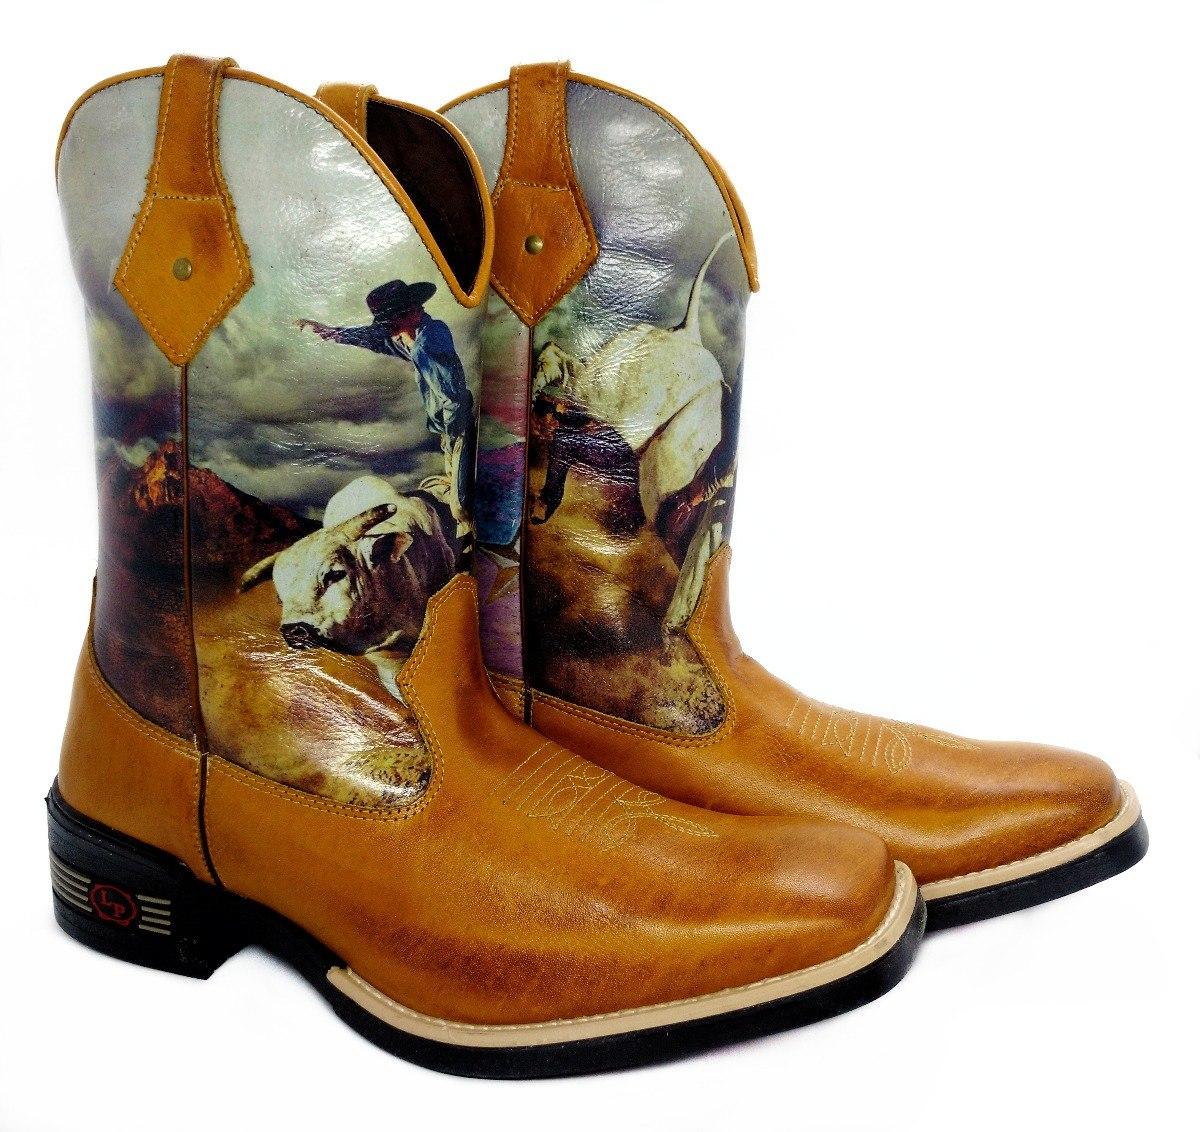 f62cbfeb97b60 bota texana country masculina rodeio comitiva pião barretos. Carregando  zoom.